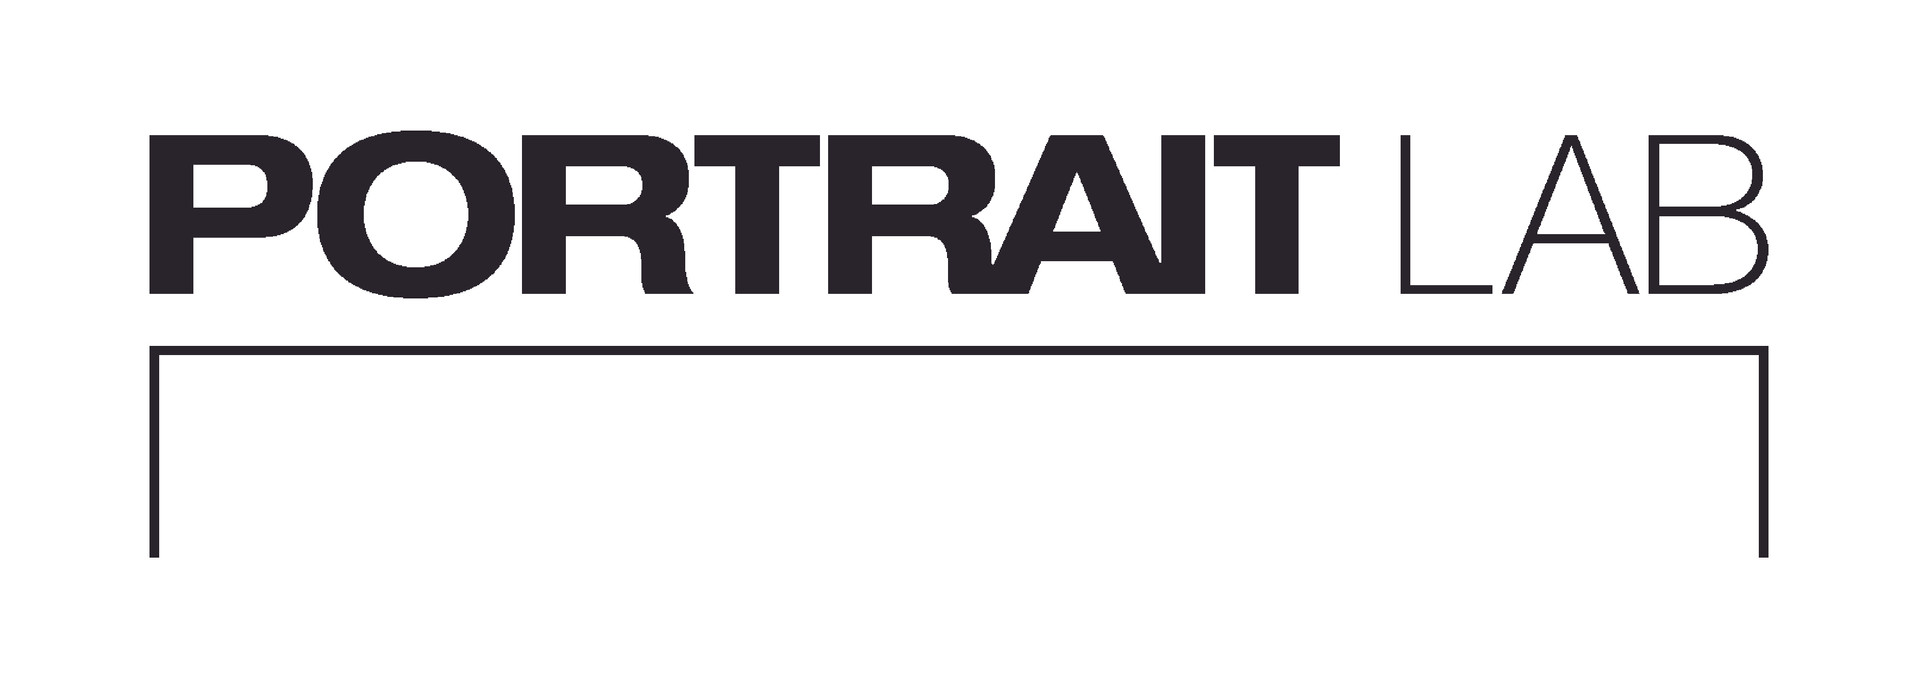 PORTRAITLAB_logo_FIX新ロゴ.jpg